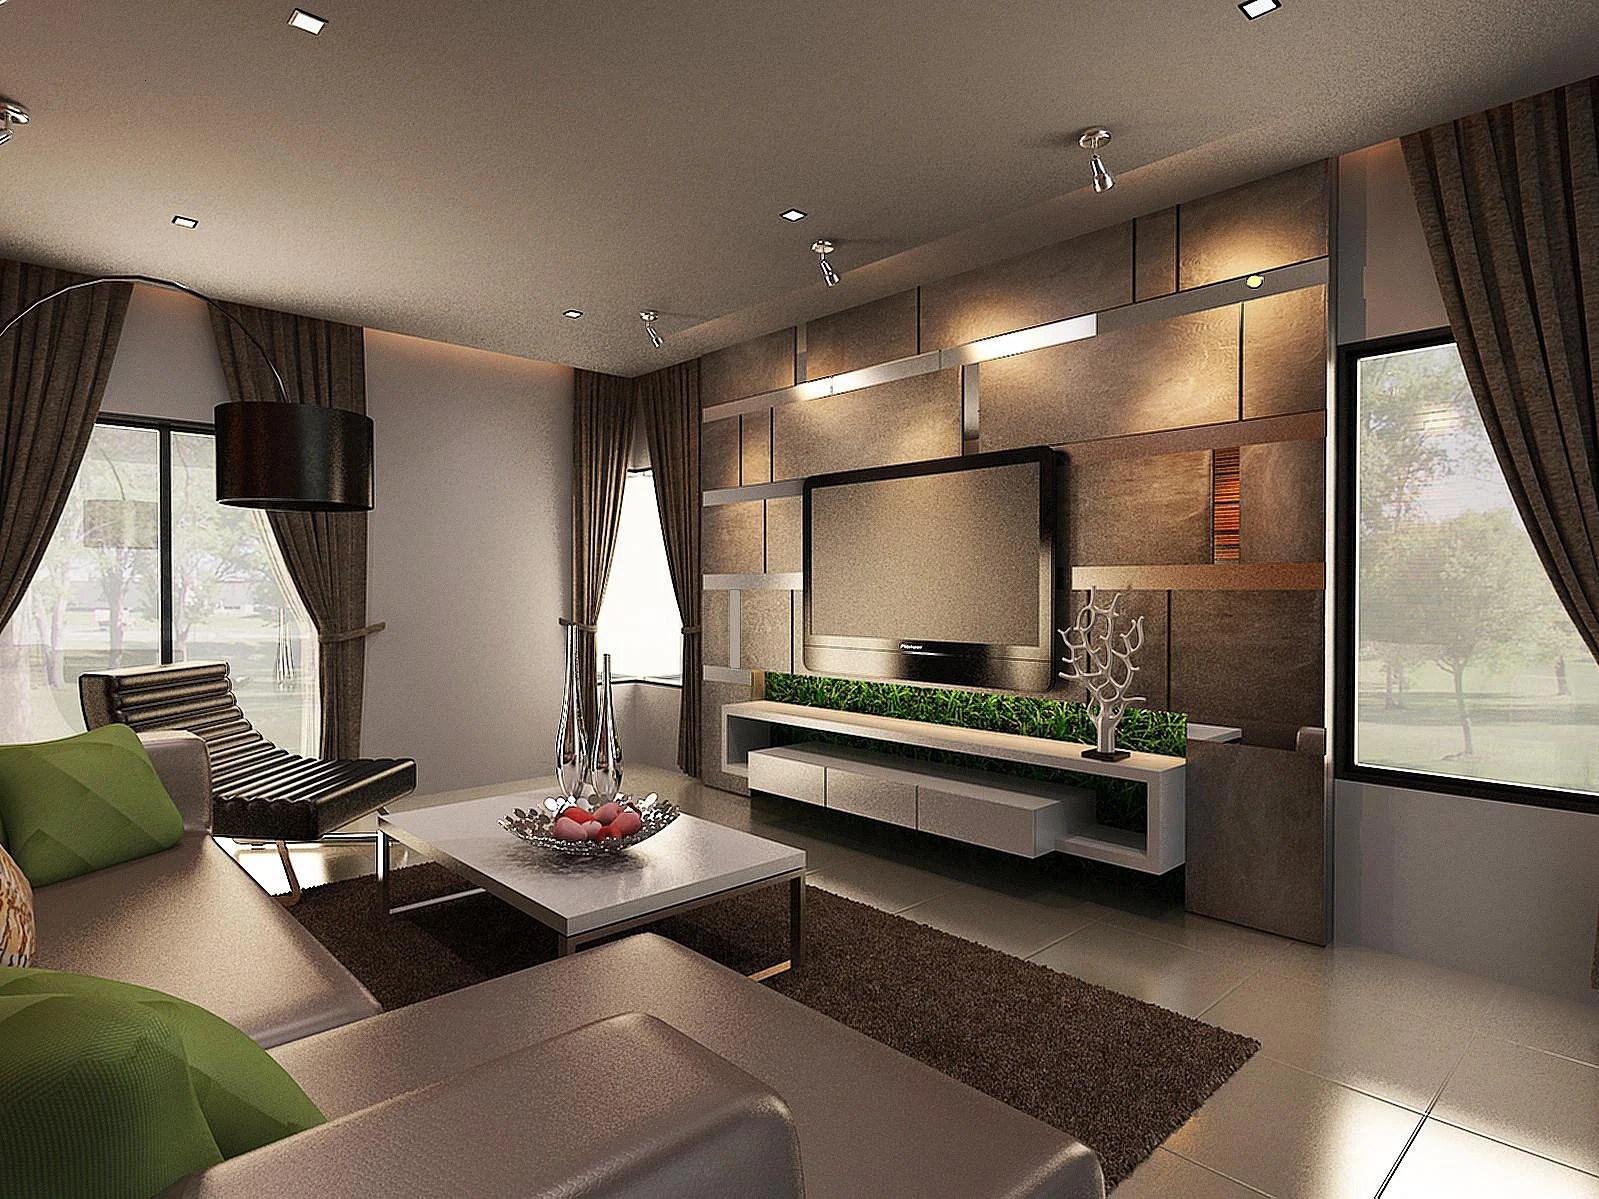 LAVISH Interior Design